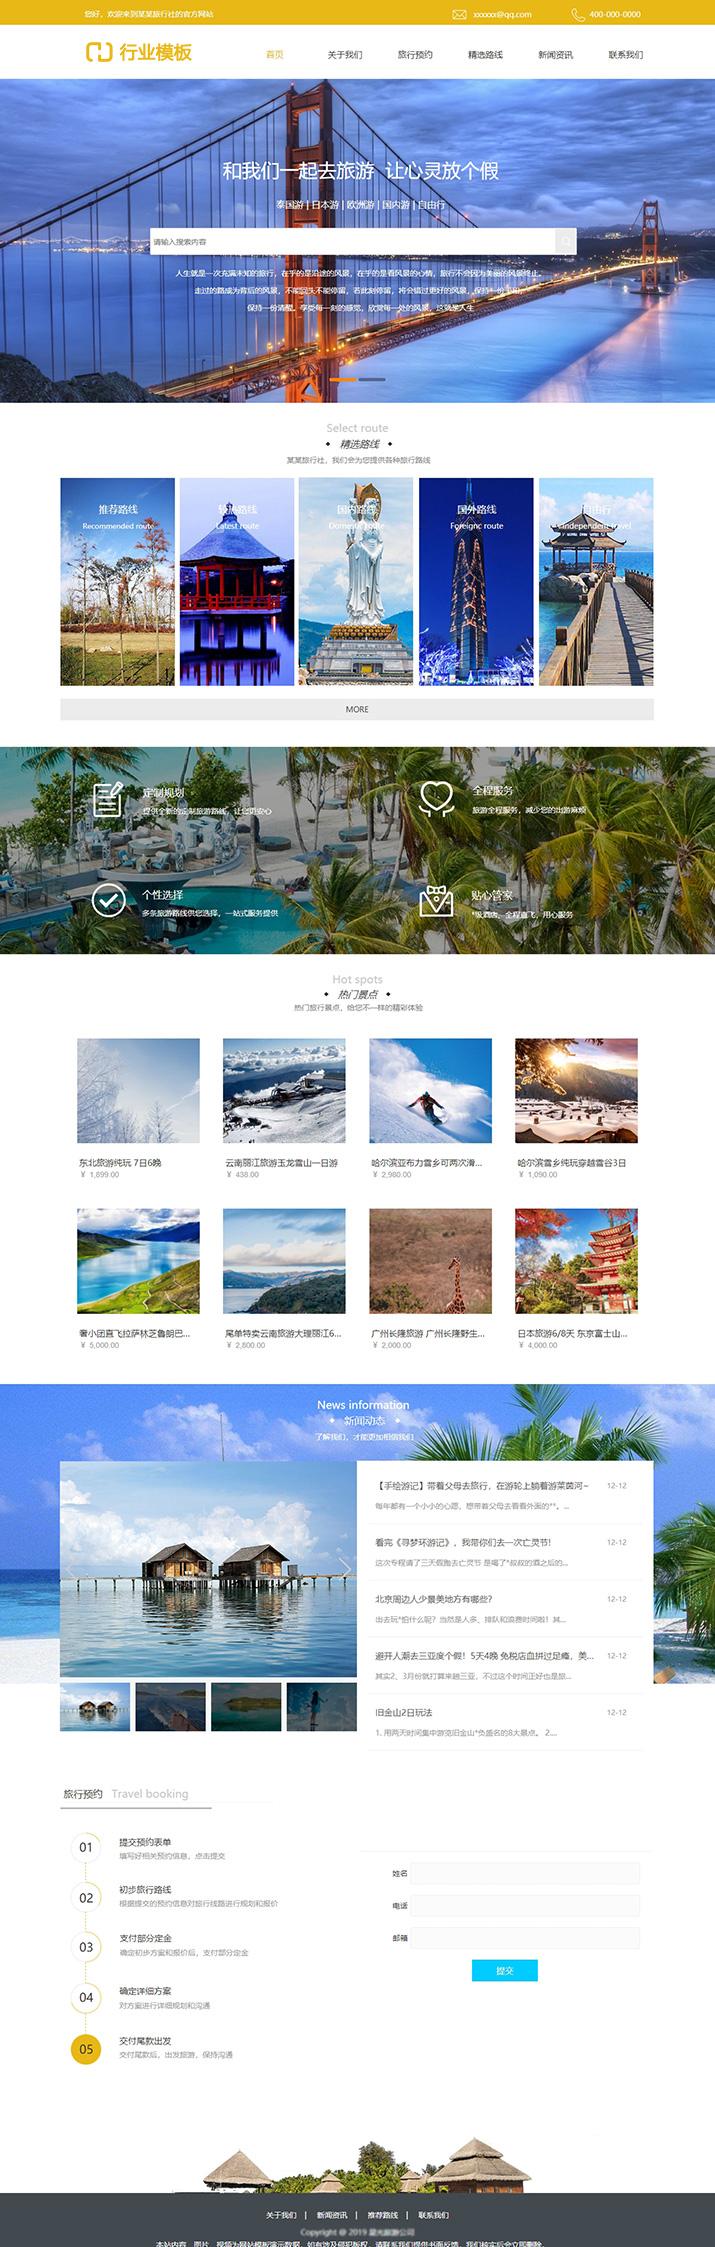 旅游策划公司网站模板